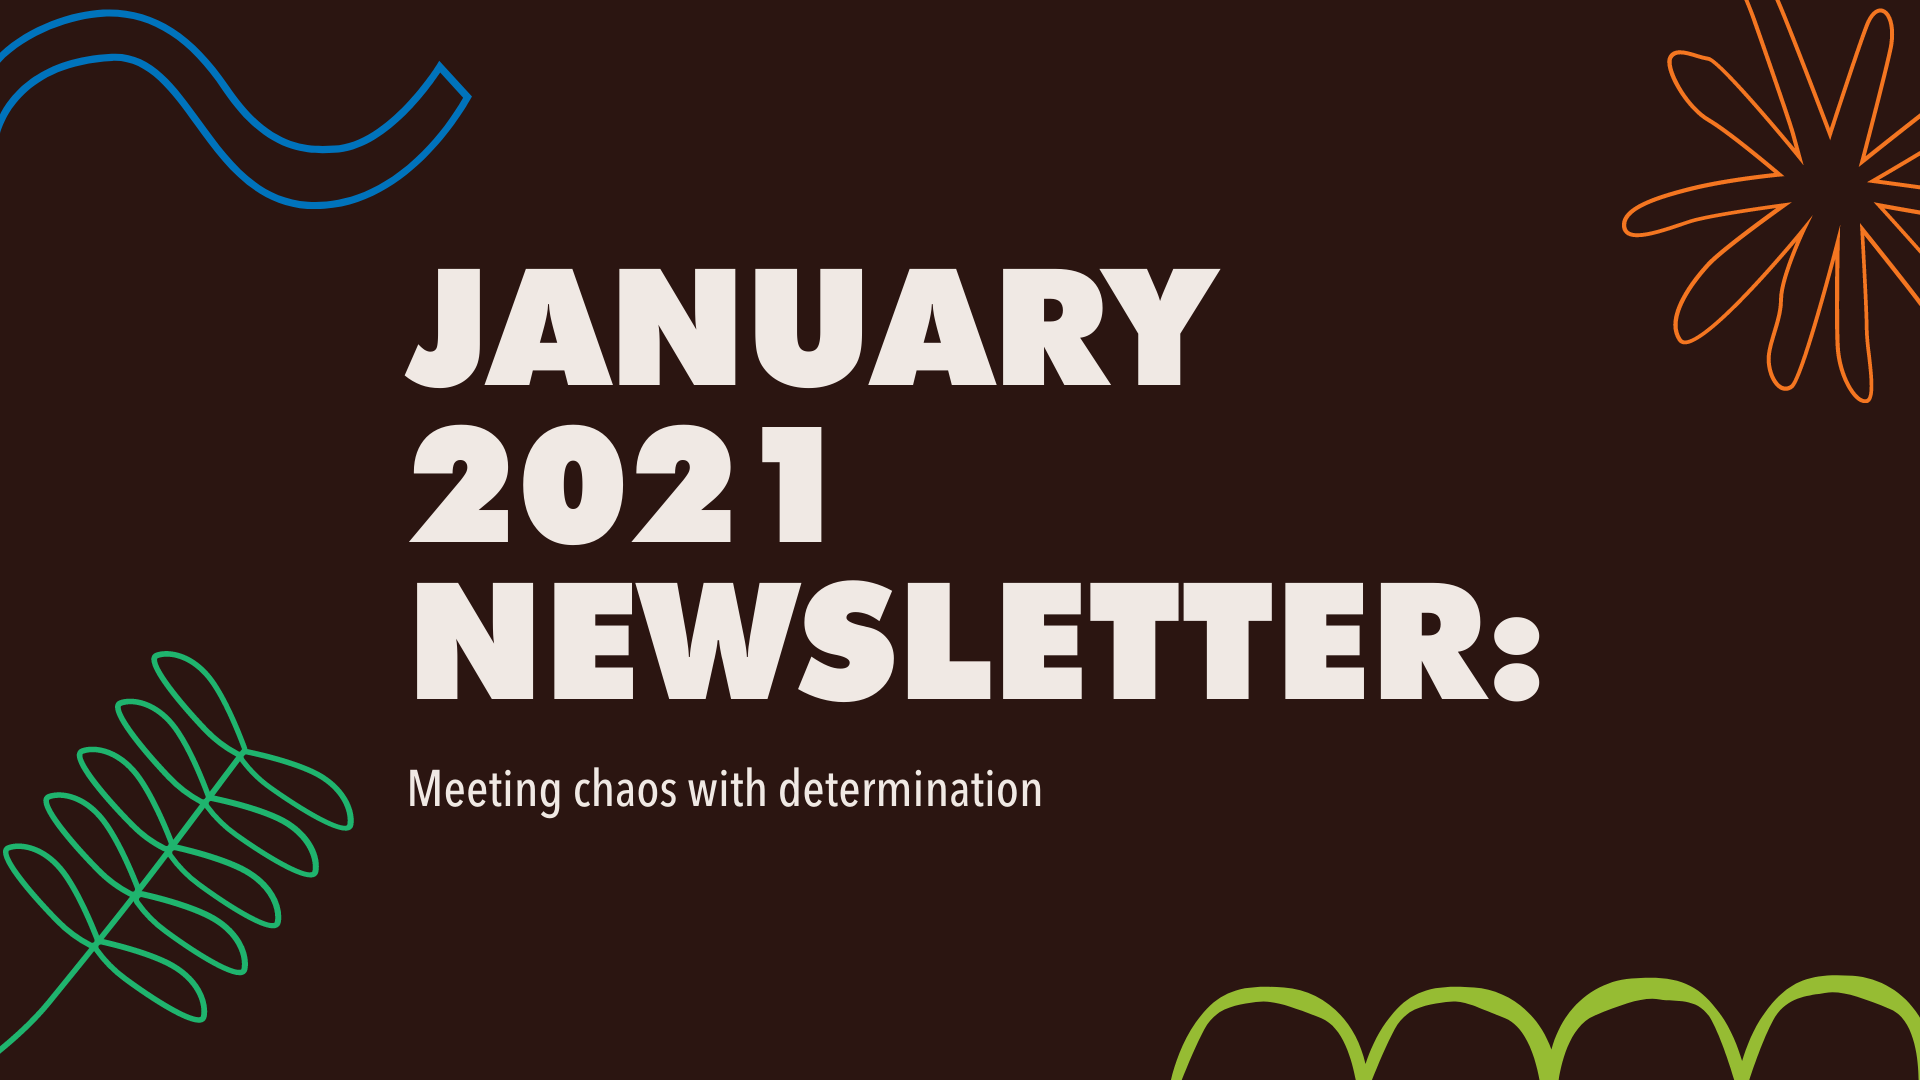 January 2021 Newsletter banner